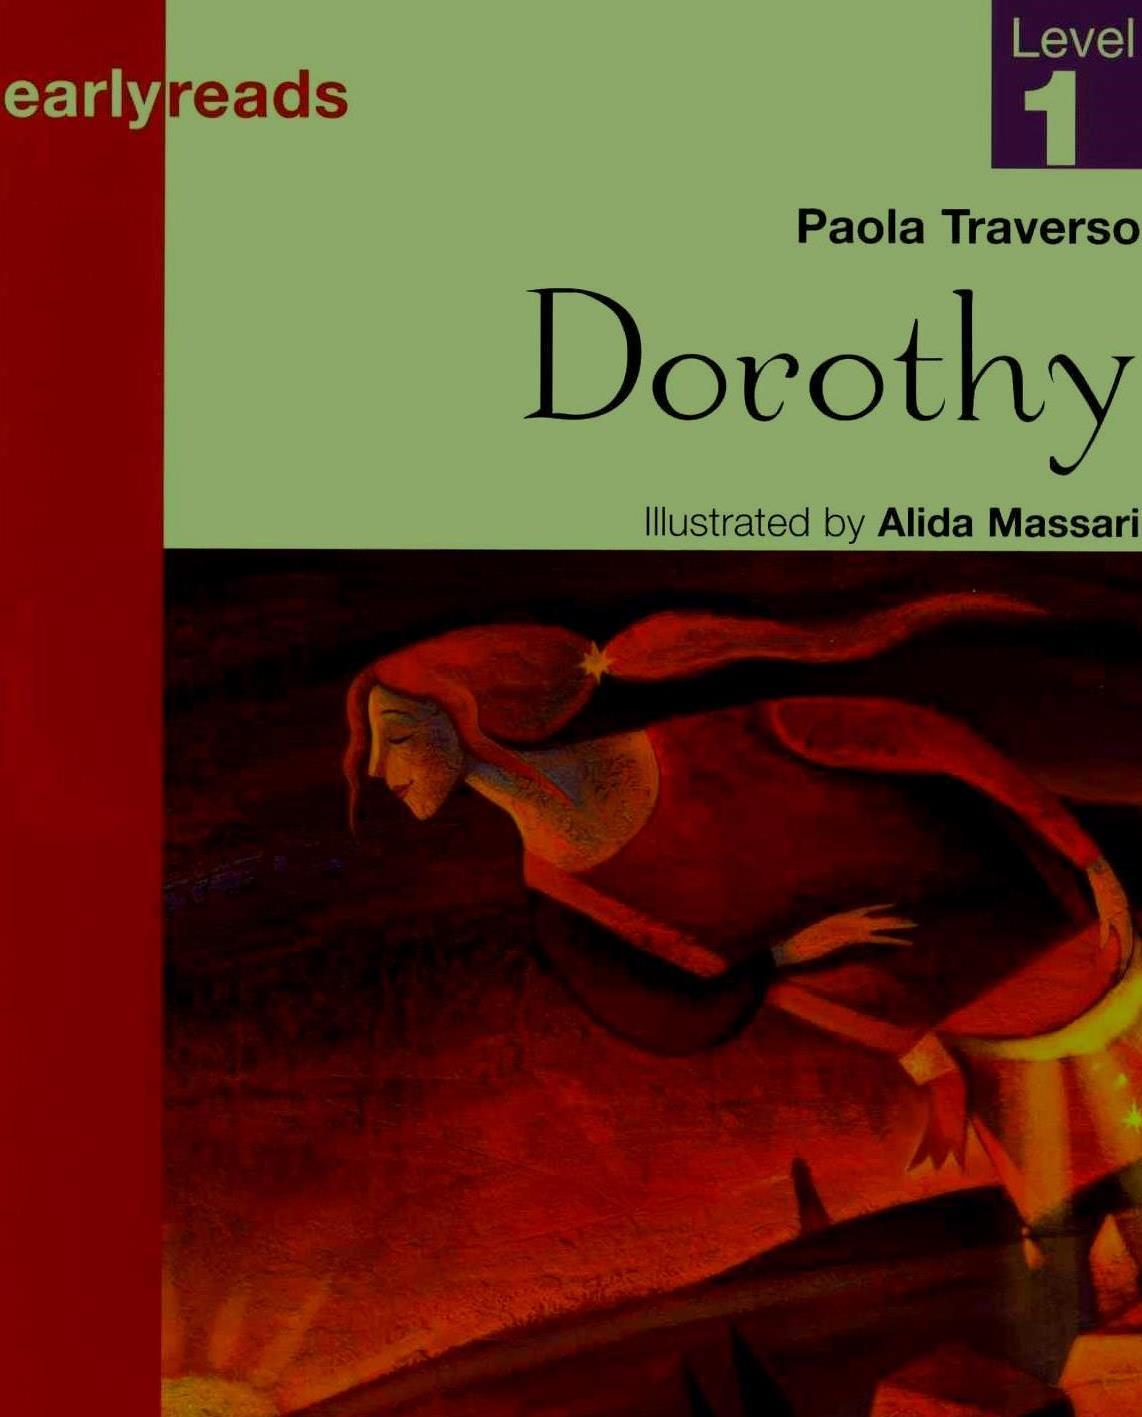 داستان Dorothy به زبان انگلیسی (ویژه مبتدی ها)